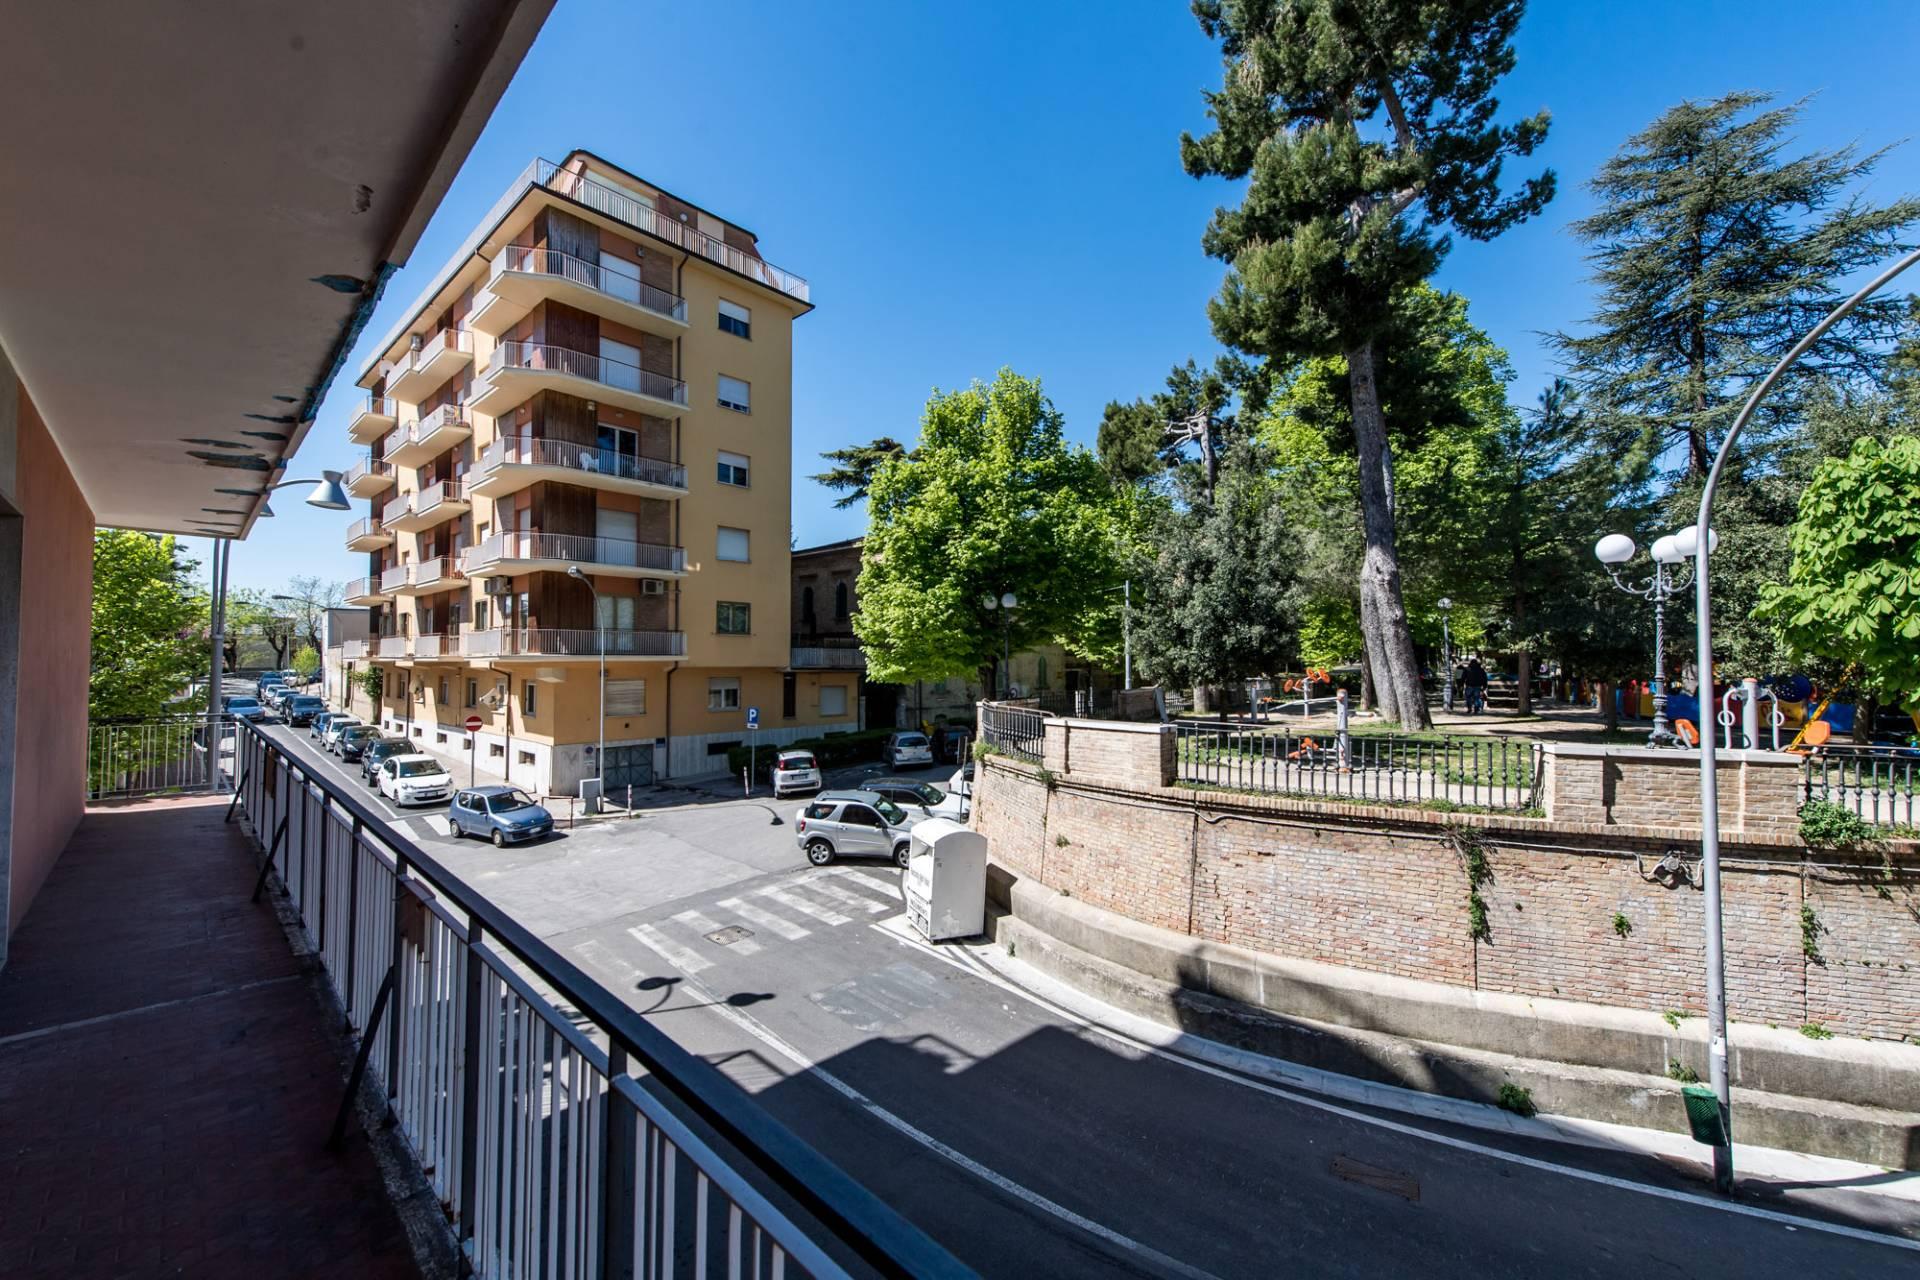 Appartamento in vendita a Chieti, 6 locali, zona Località: V.Europa, prezzo € 110.000 | PortaleAgenzieImmobiliari.it